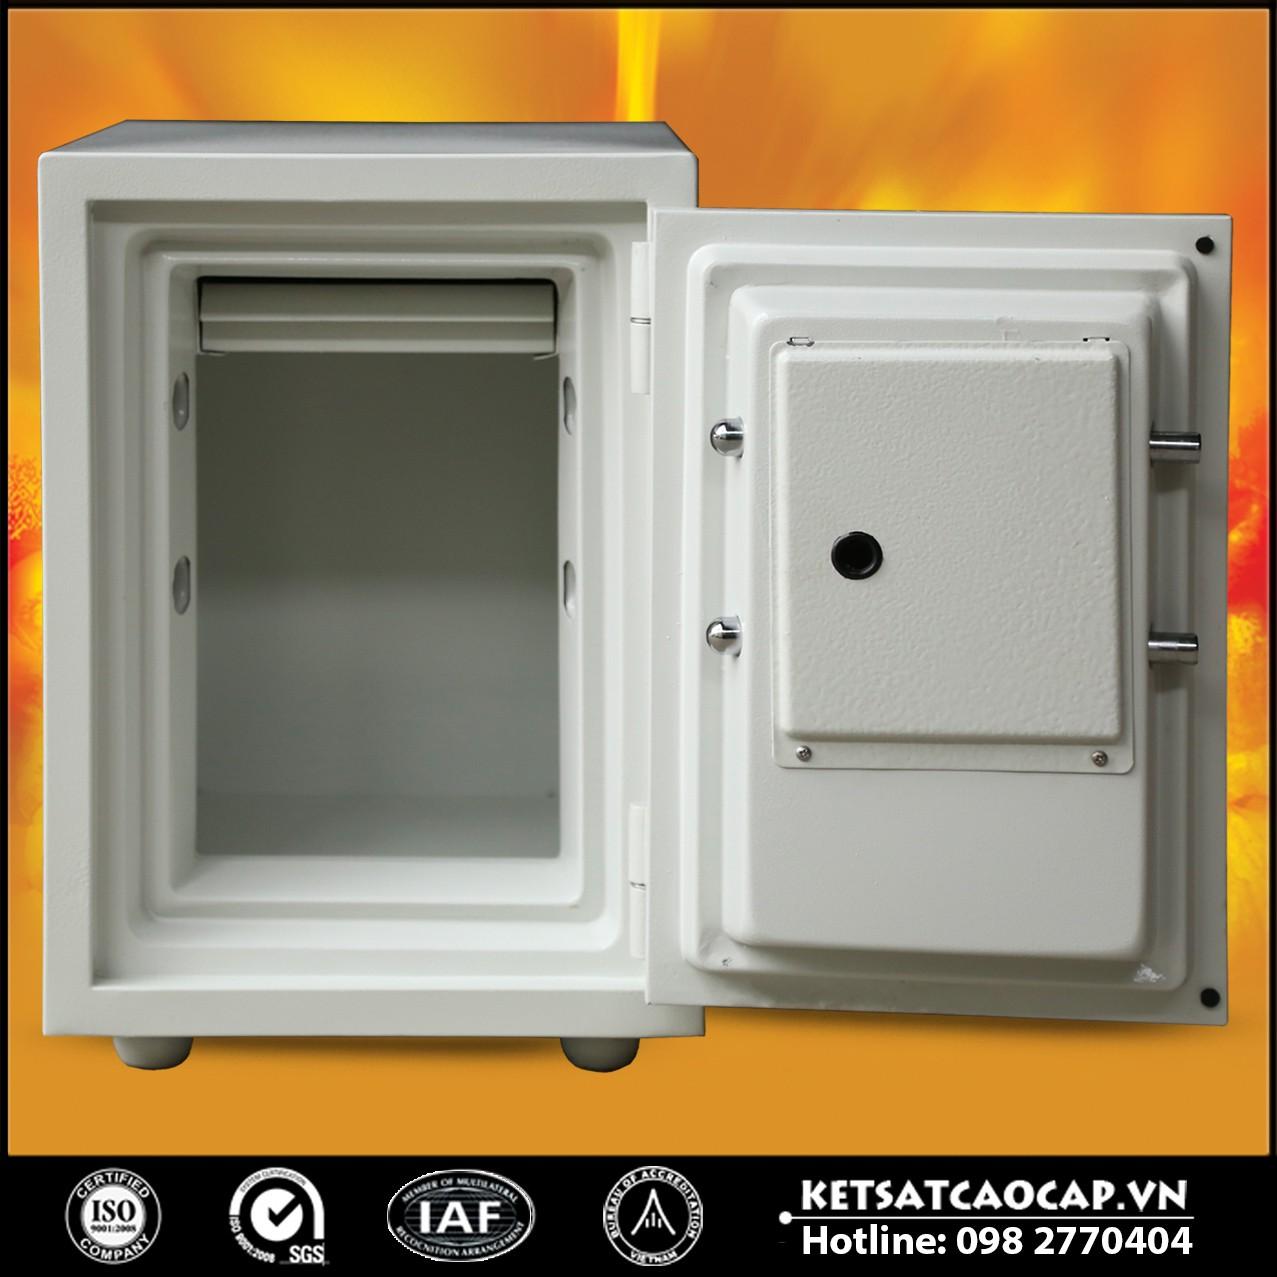 Két Sắt Văn Phòng WELKO KS80D White-E Gold